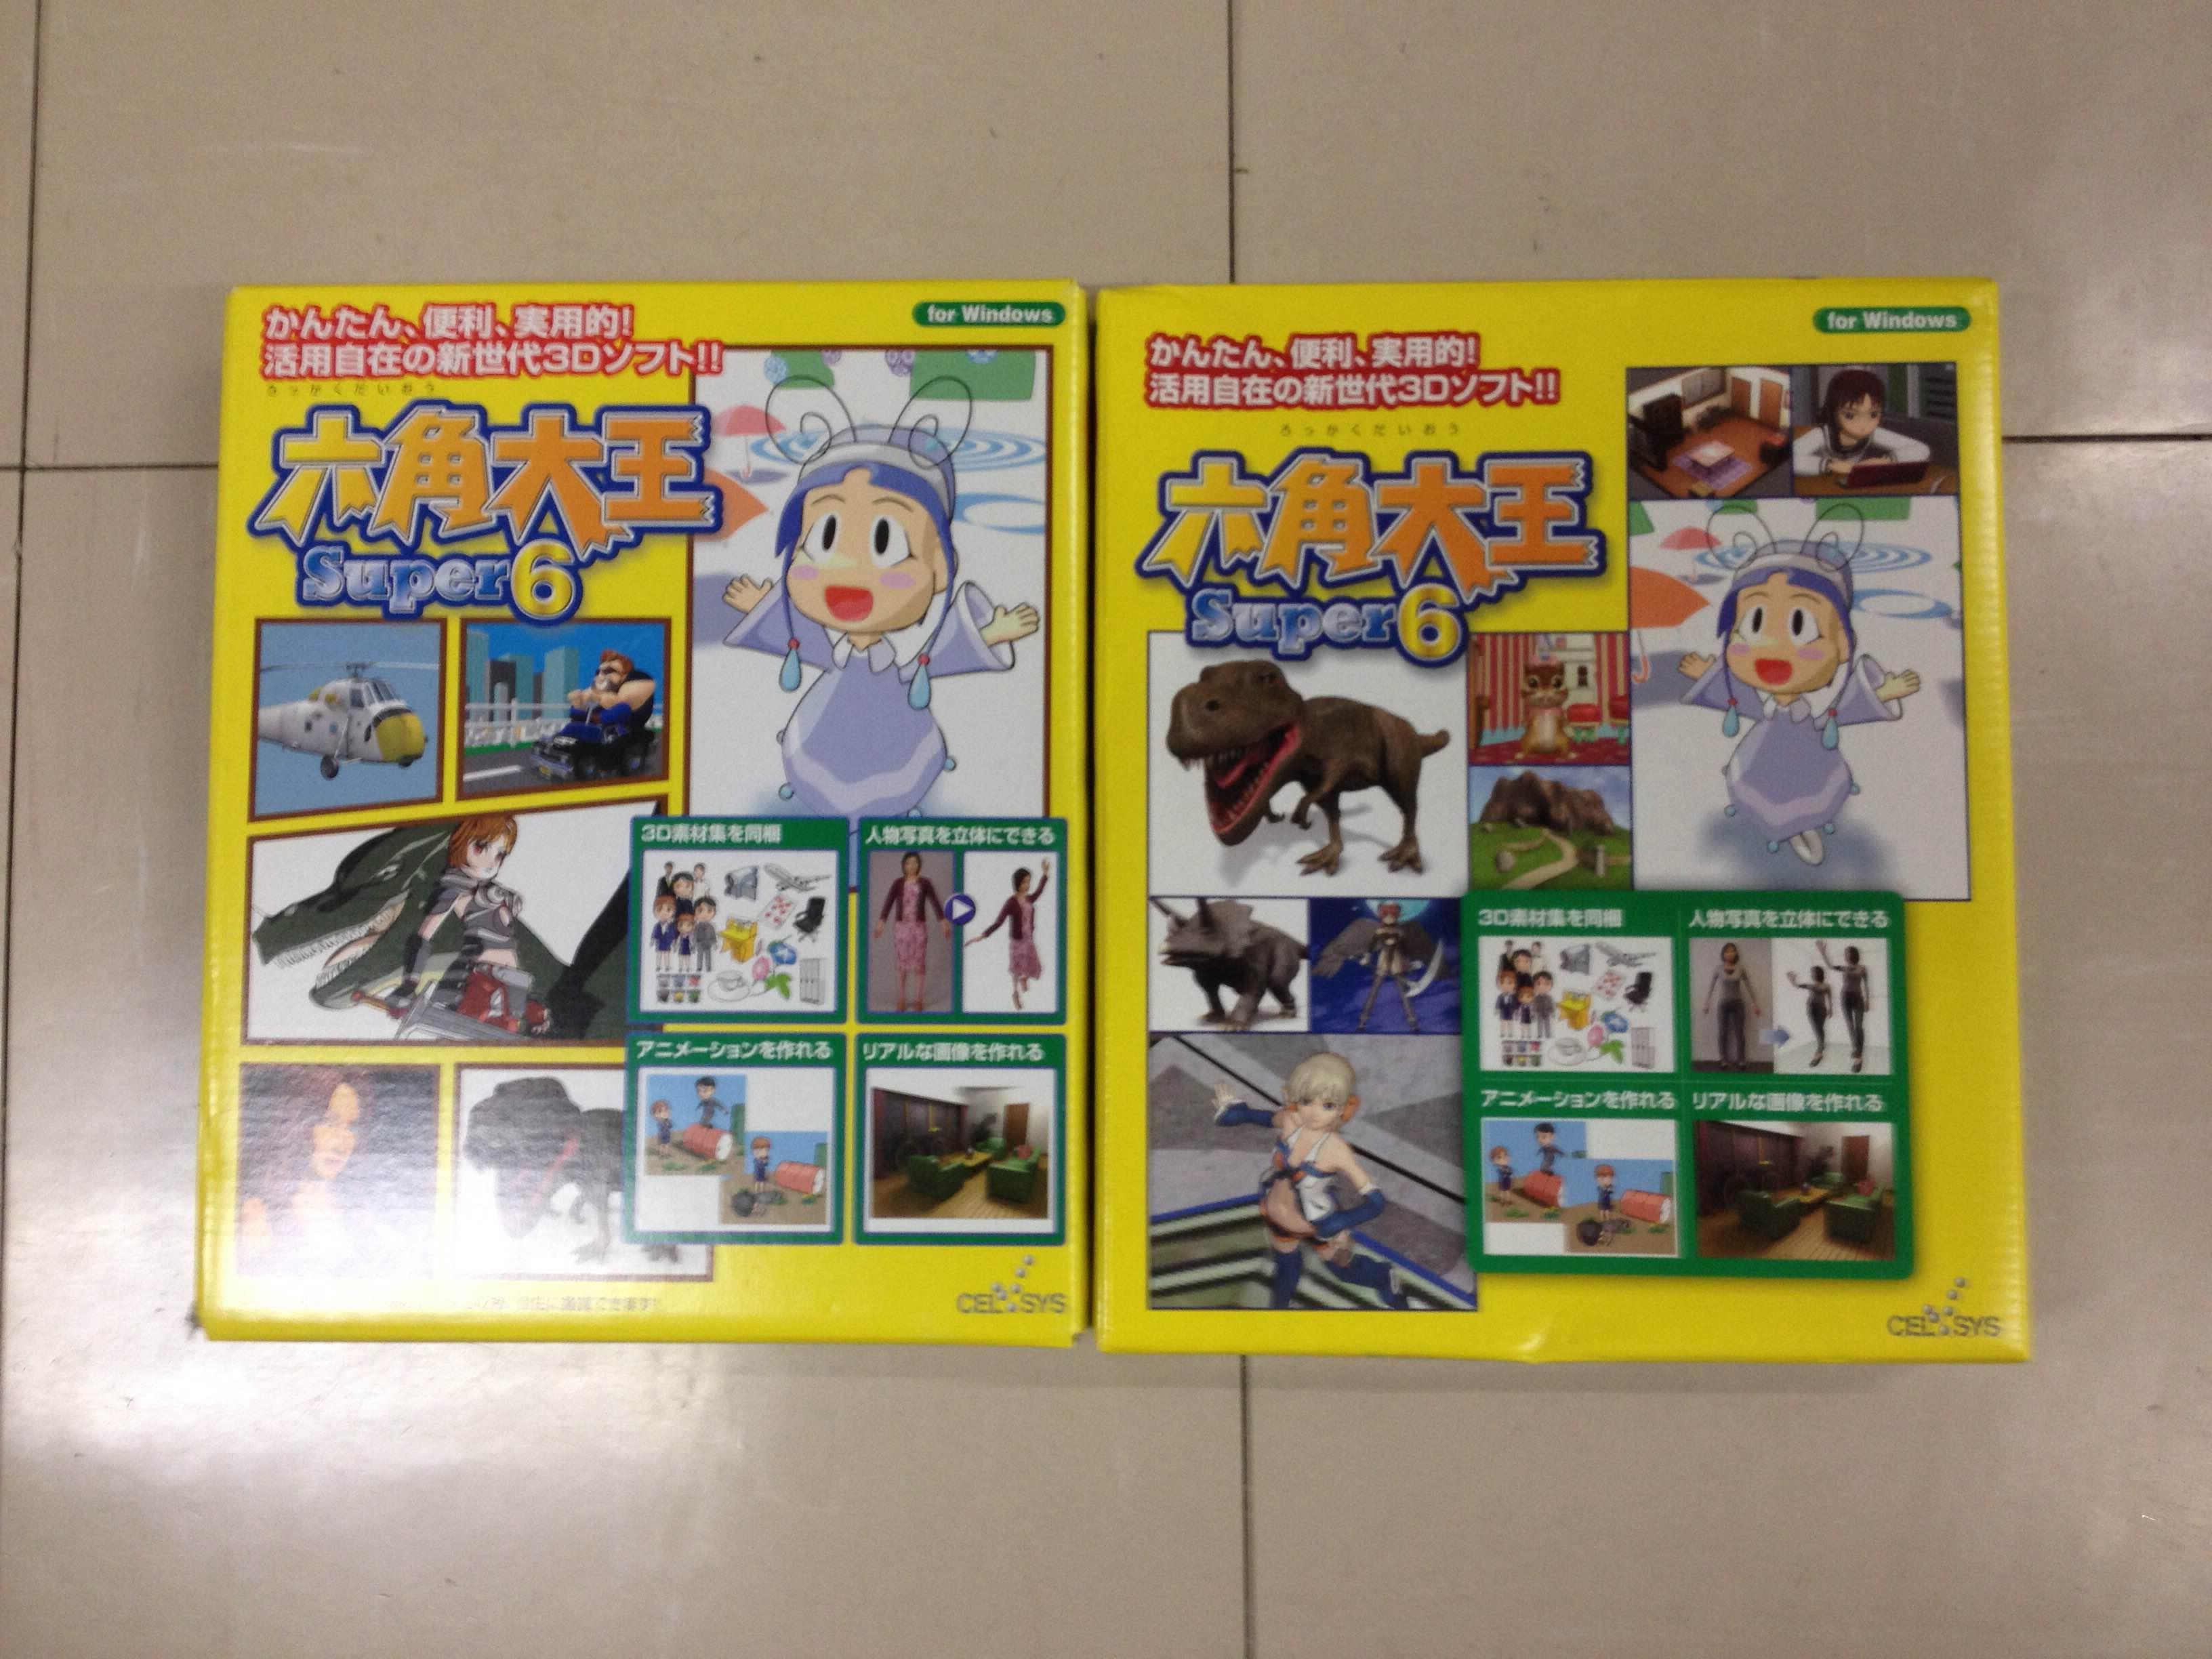 期間限定 「六角大王」で使える「さし絵スタジオ2」 が大幅割引!